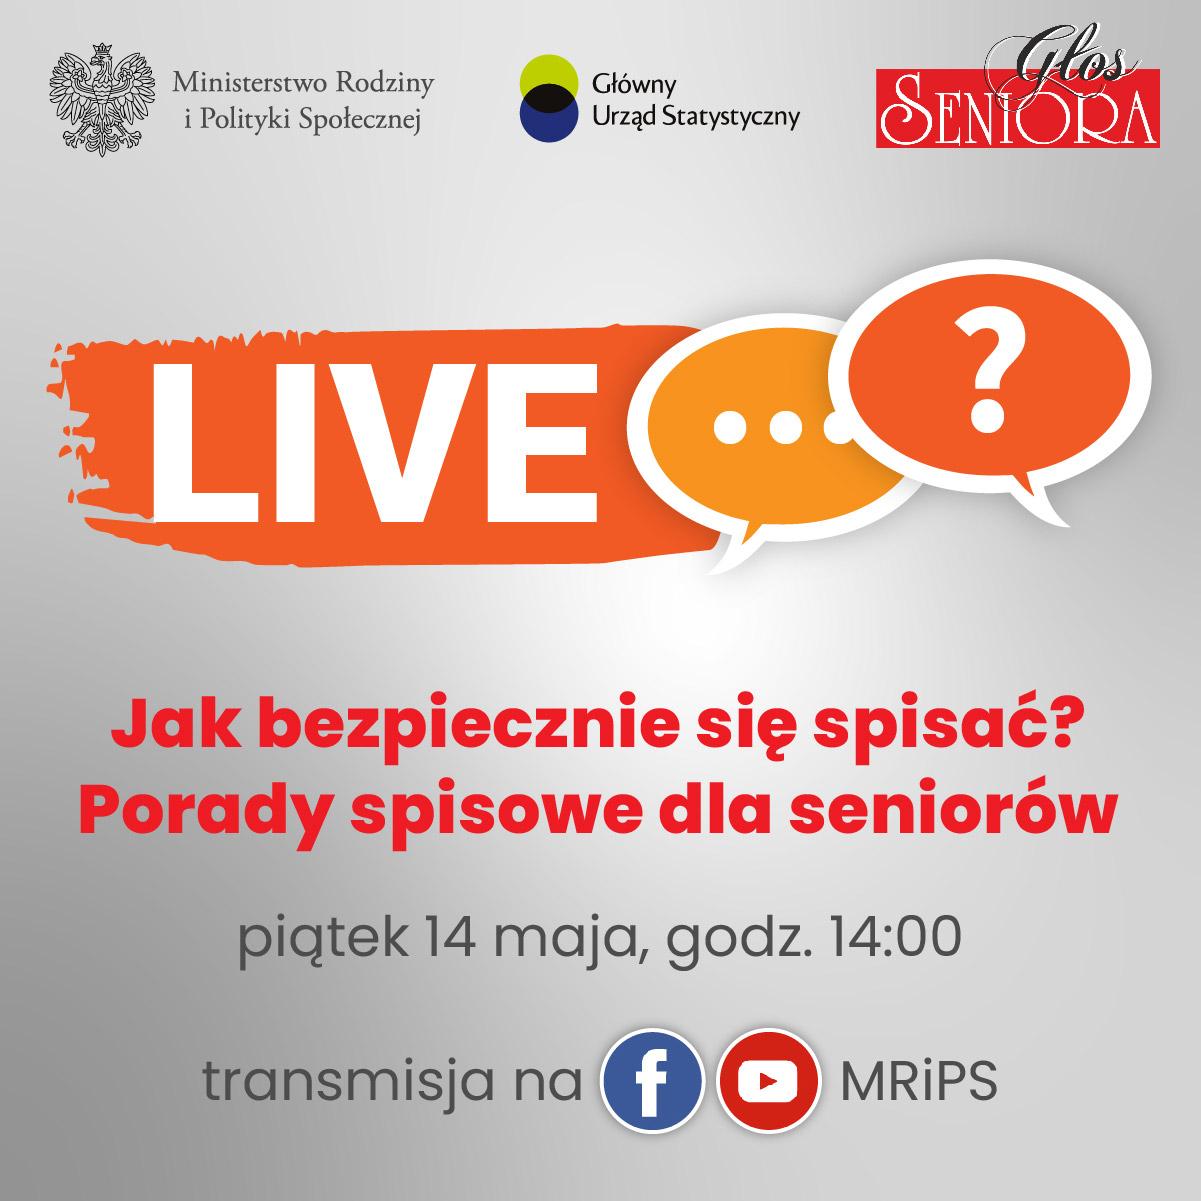 https://m.powiatszczycienski.pl/2021/05/orig/185143854-322687705905400-8114051223272567297-n-40385.jpg